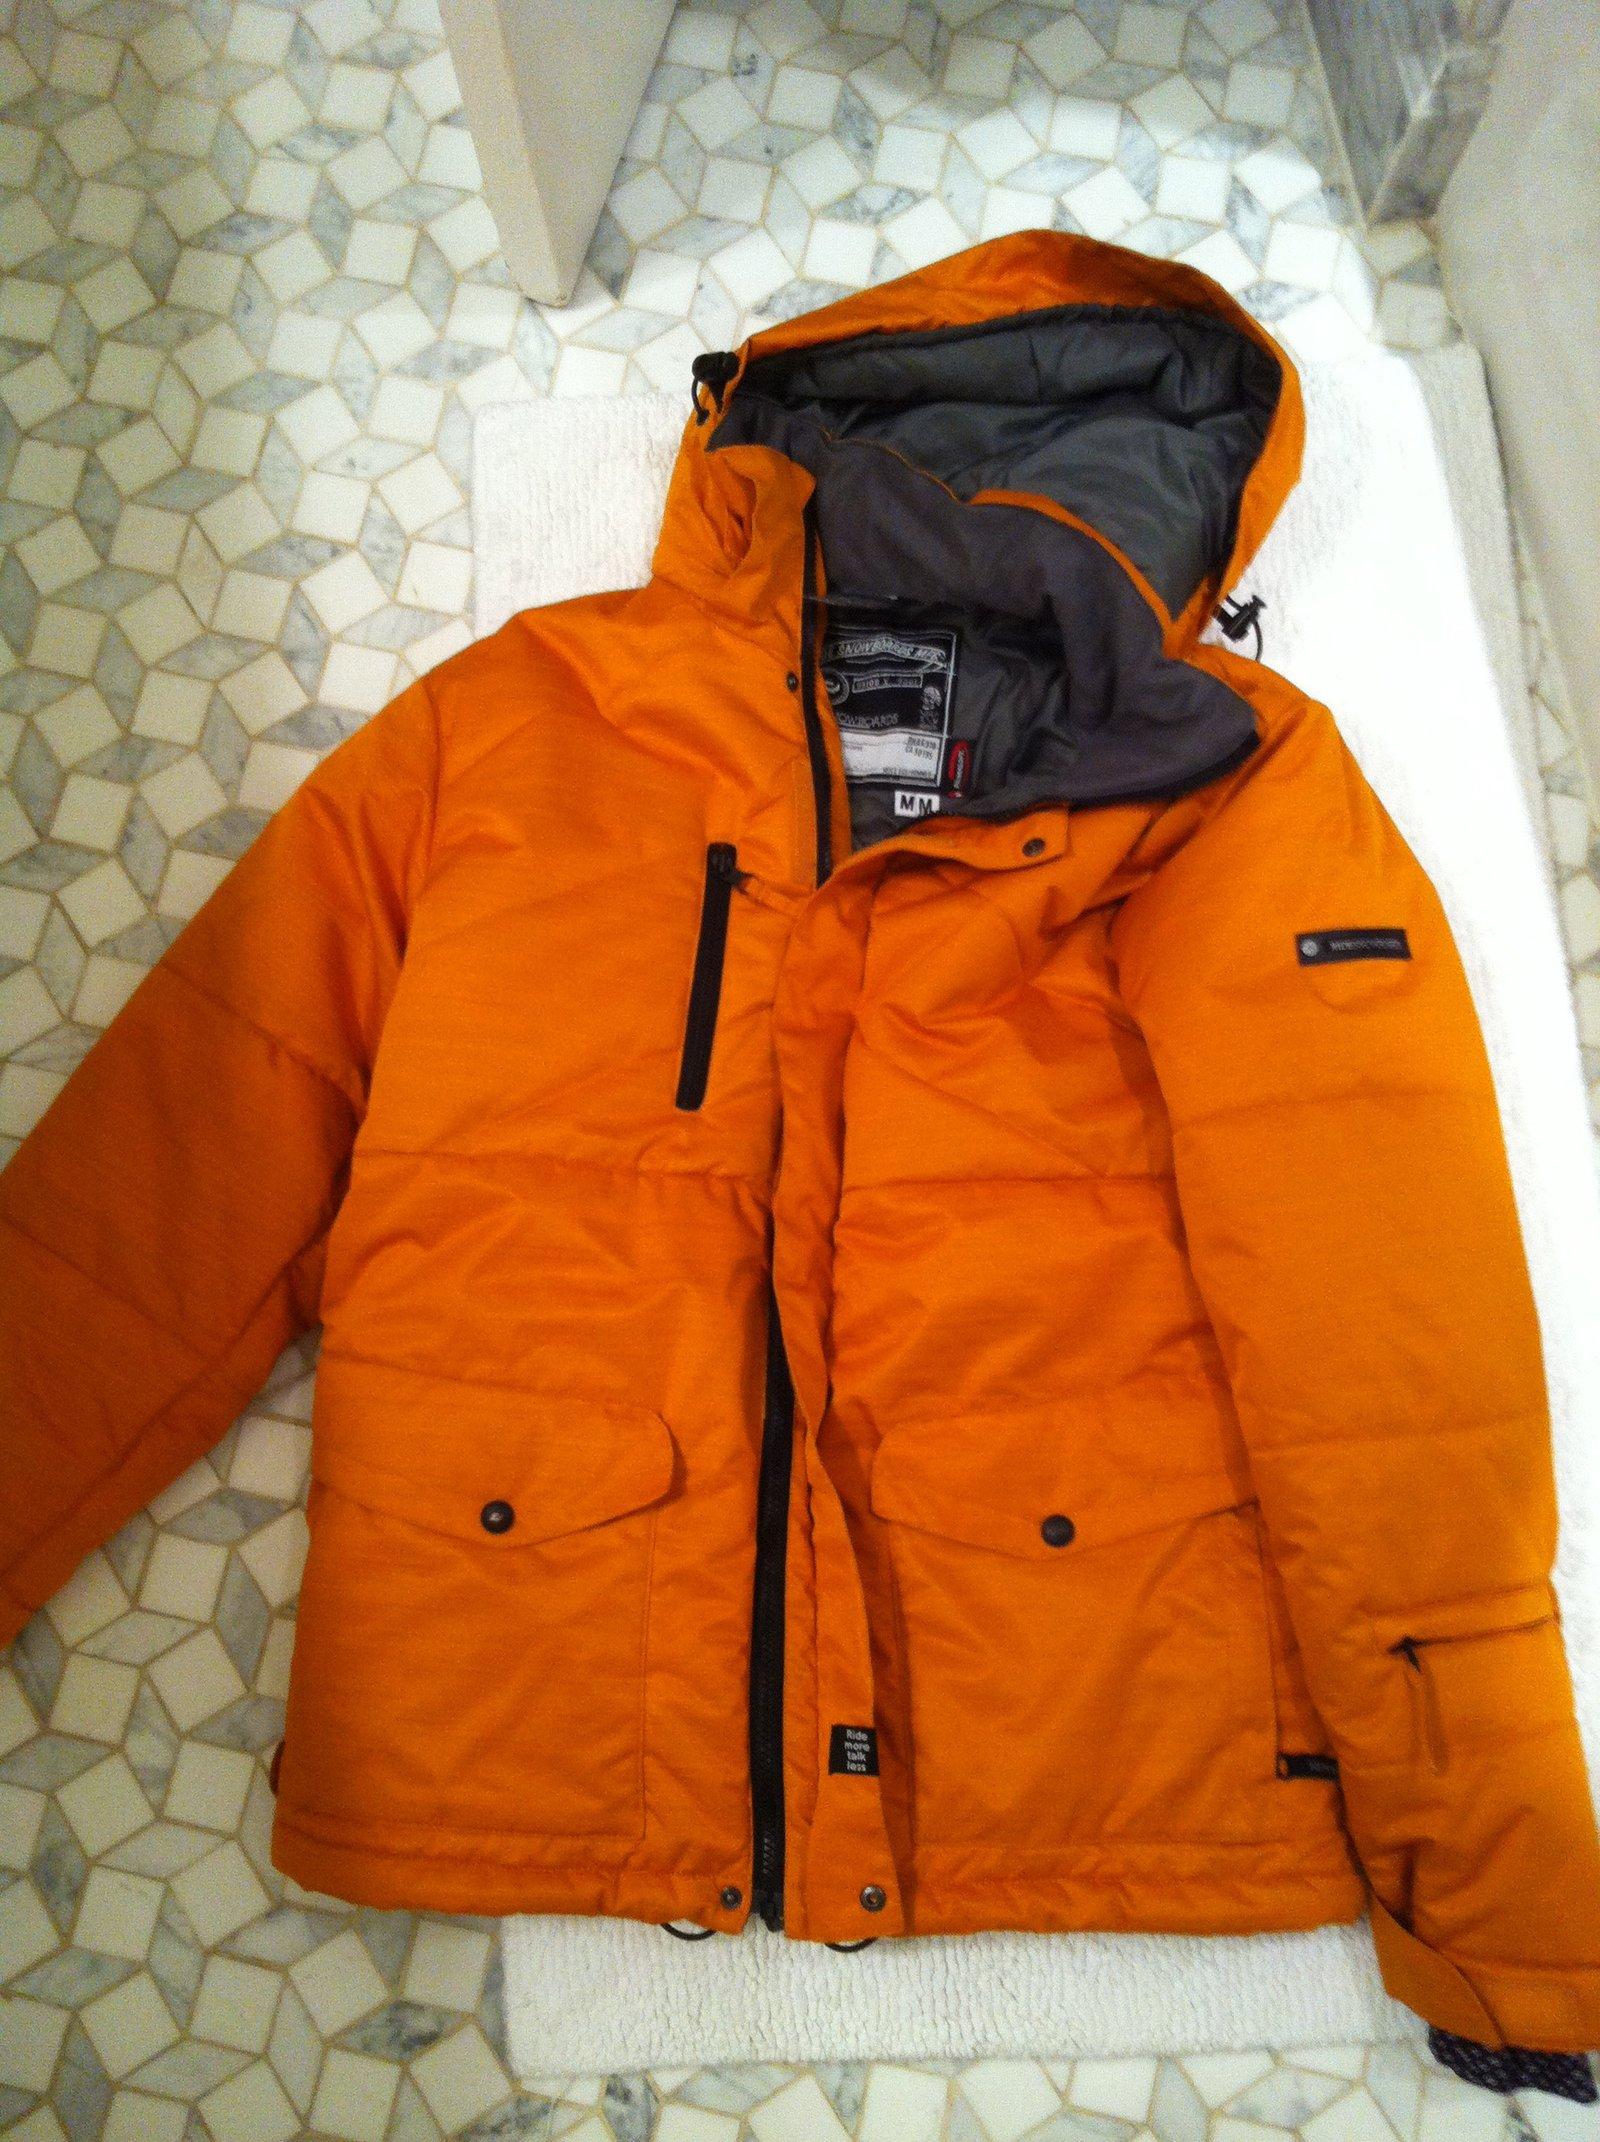 Ridesnowboards Jacket